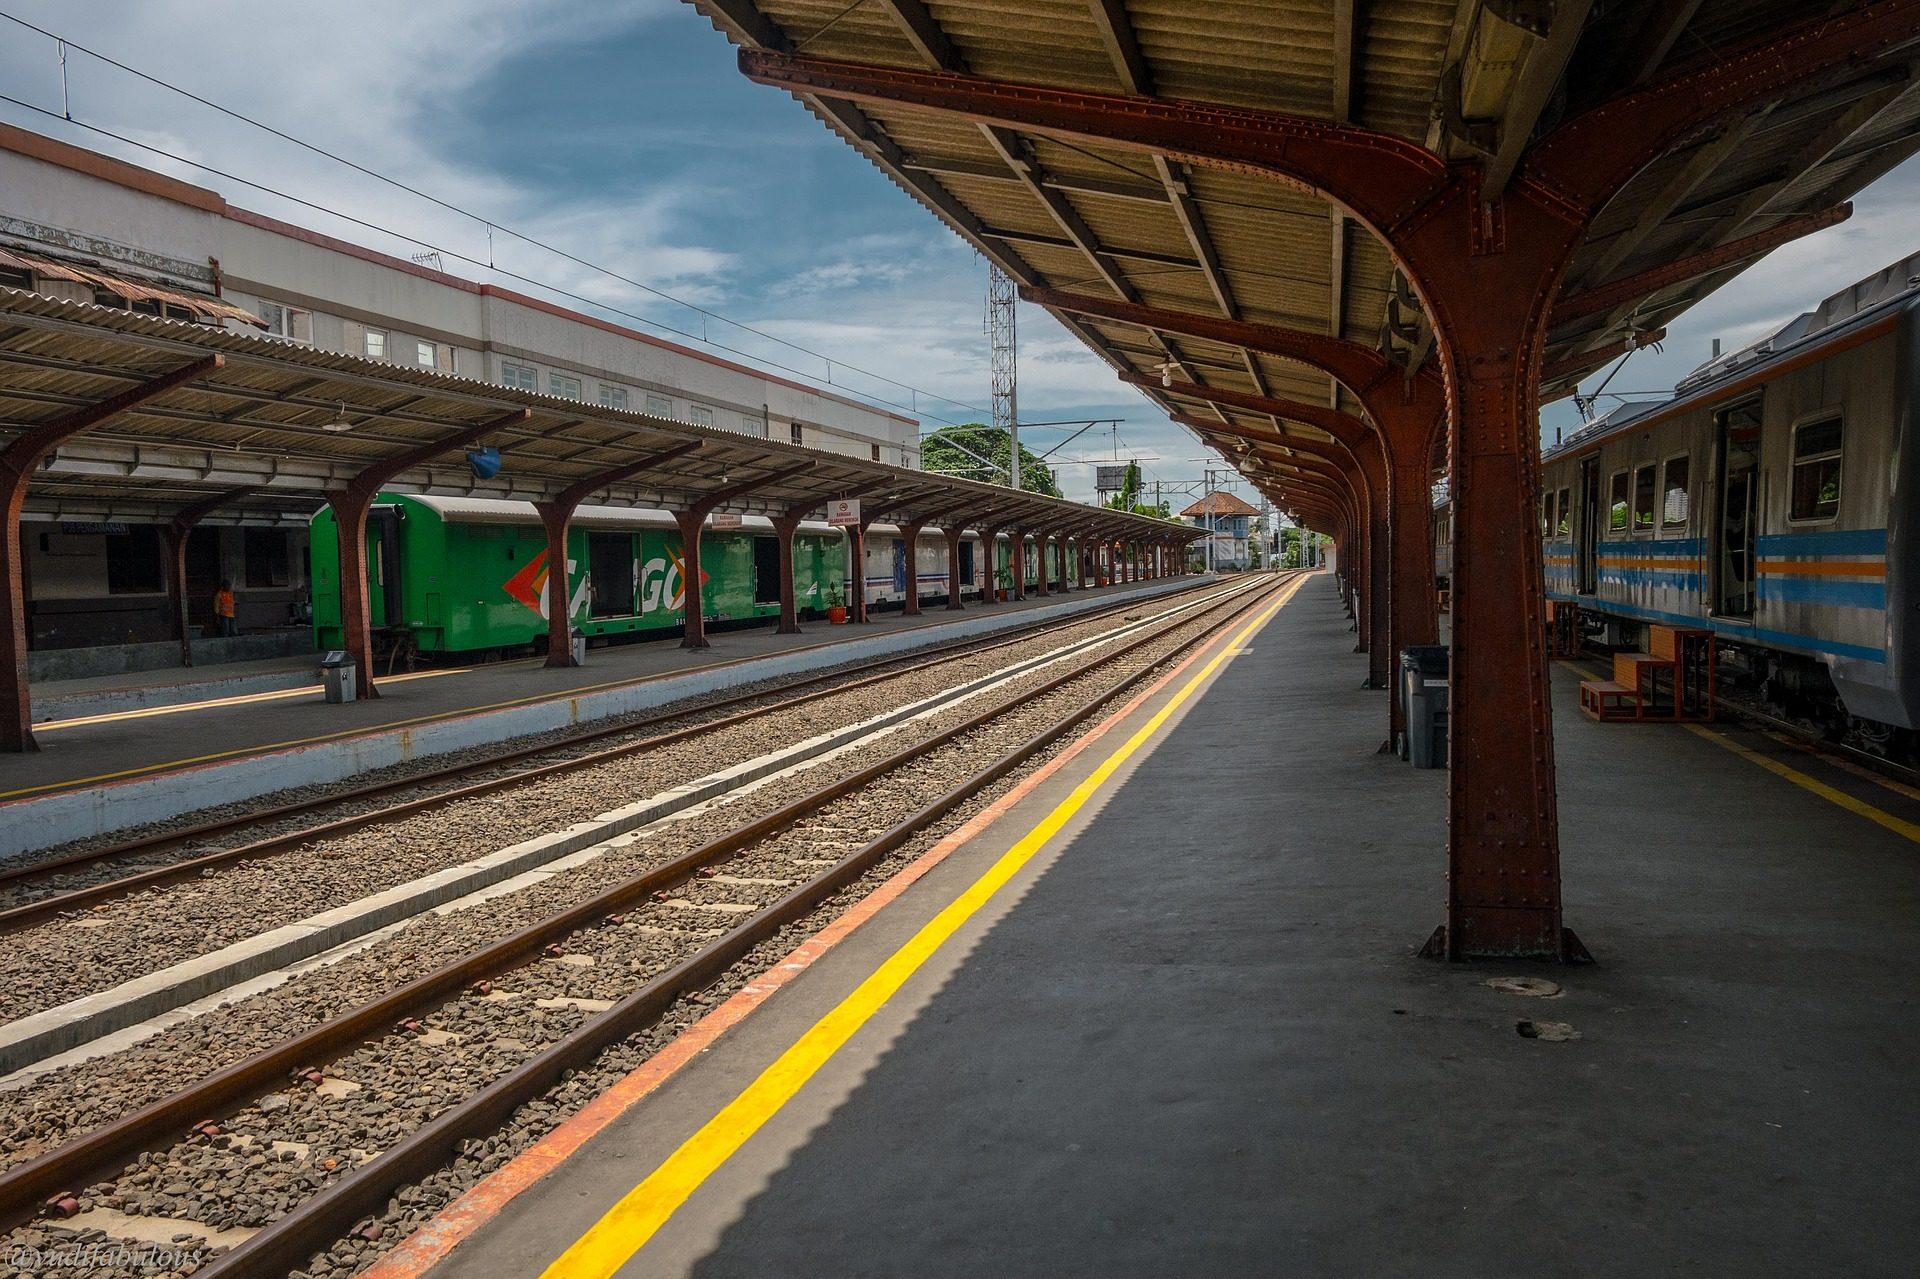 駅, tren, 鉄道, 経路, サナダムシ, 空 - HD の壁紙 - 教授-falken.com